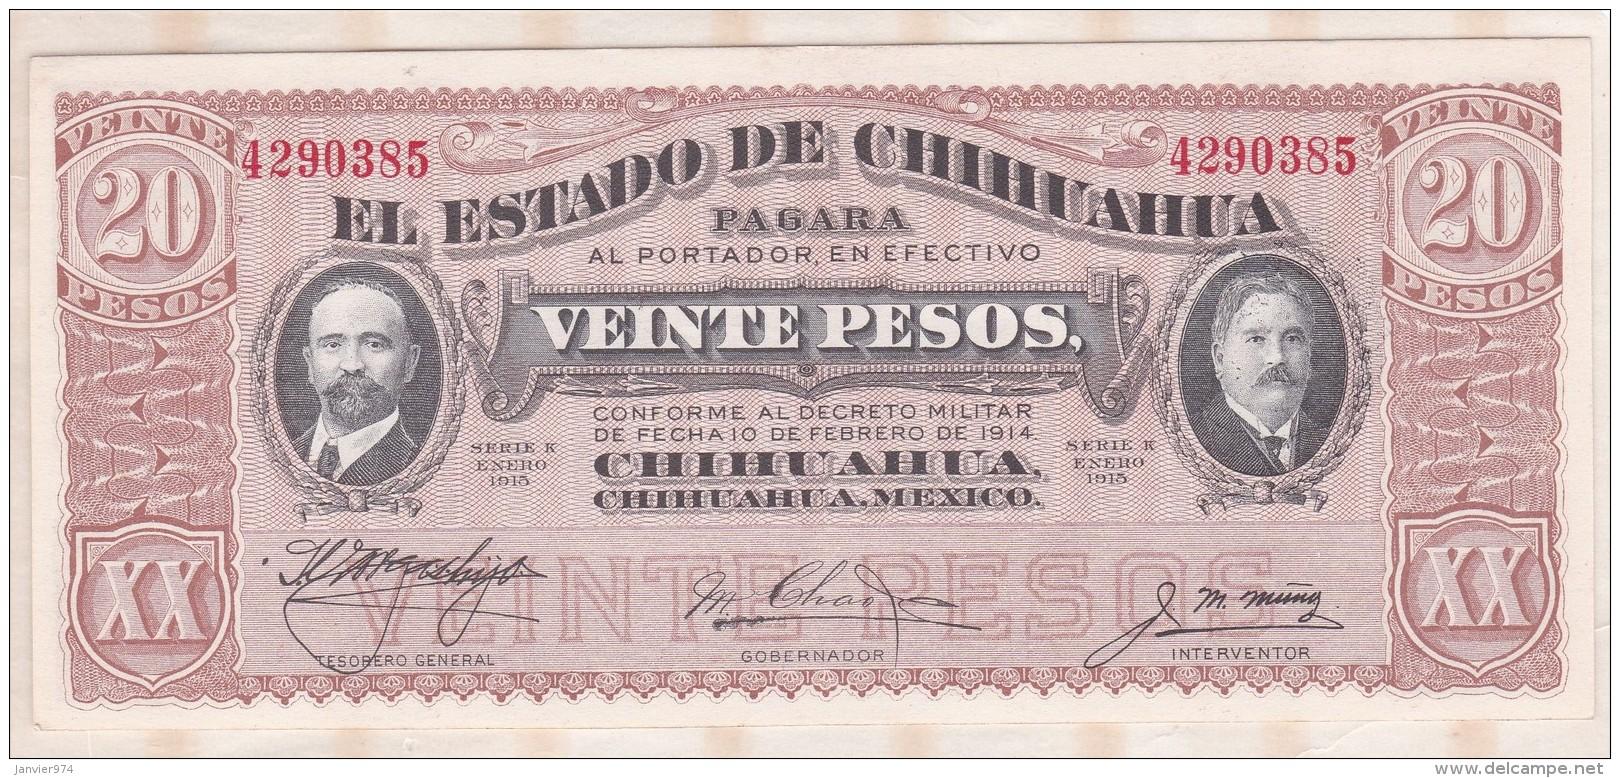 EL ESTADO DE CHIHUAHUA 20 Pesos 1915, Série K ,N° 4290385 , NEUF - Mexique